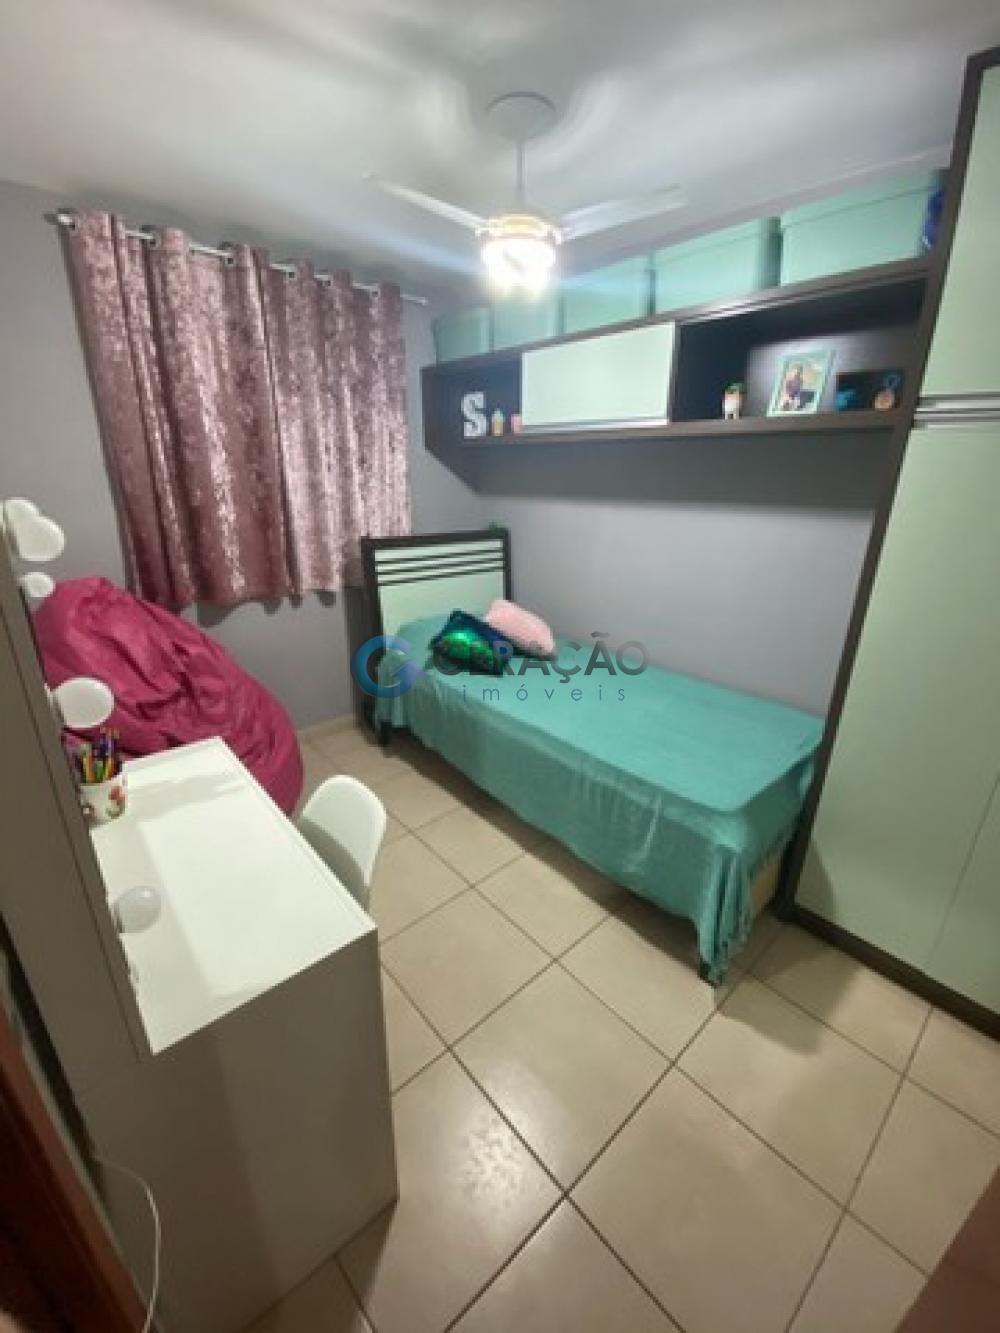 Comprar Apartamento / Padrão em São José dos Campos R$ 300.000,00 - Foto 7